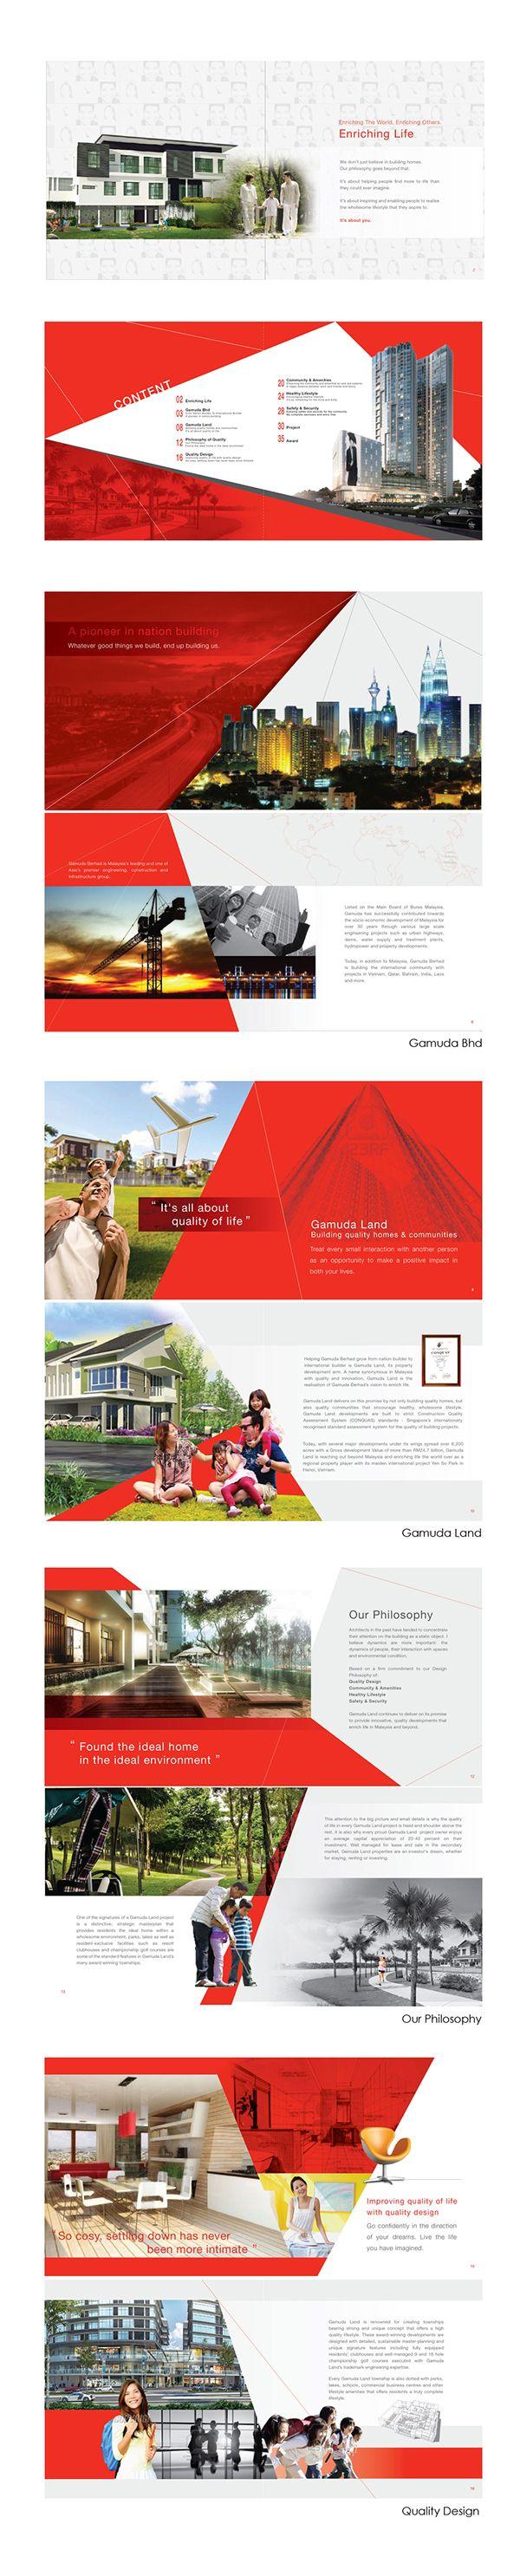 GAMUDA LAND Company Profile on Behance